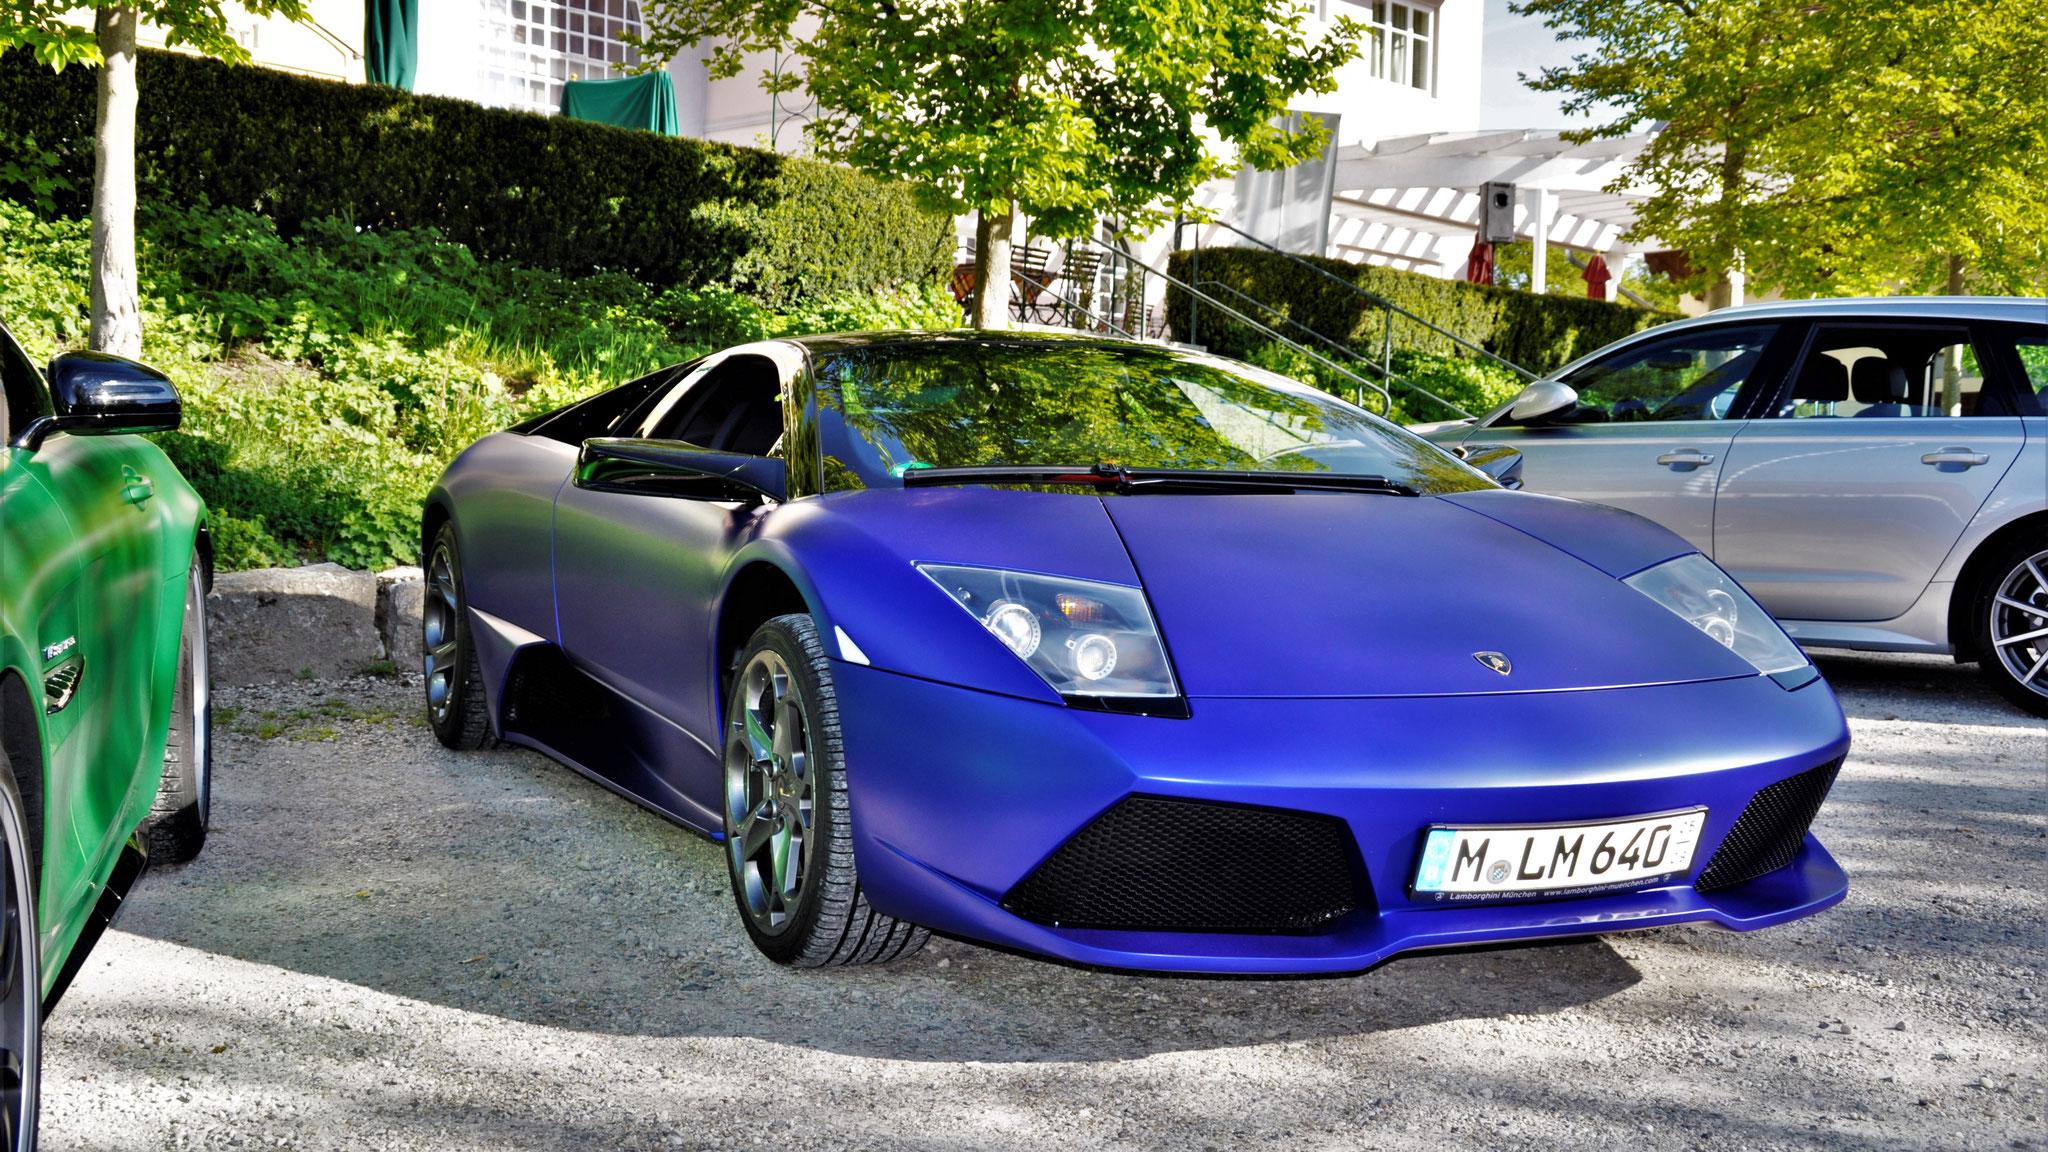 Lamborghini Murcielago - M-LM-640